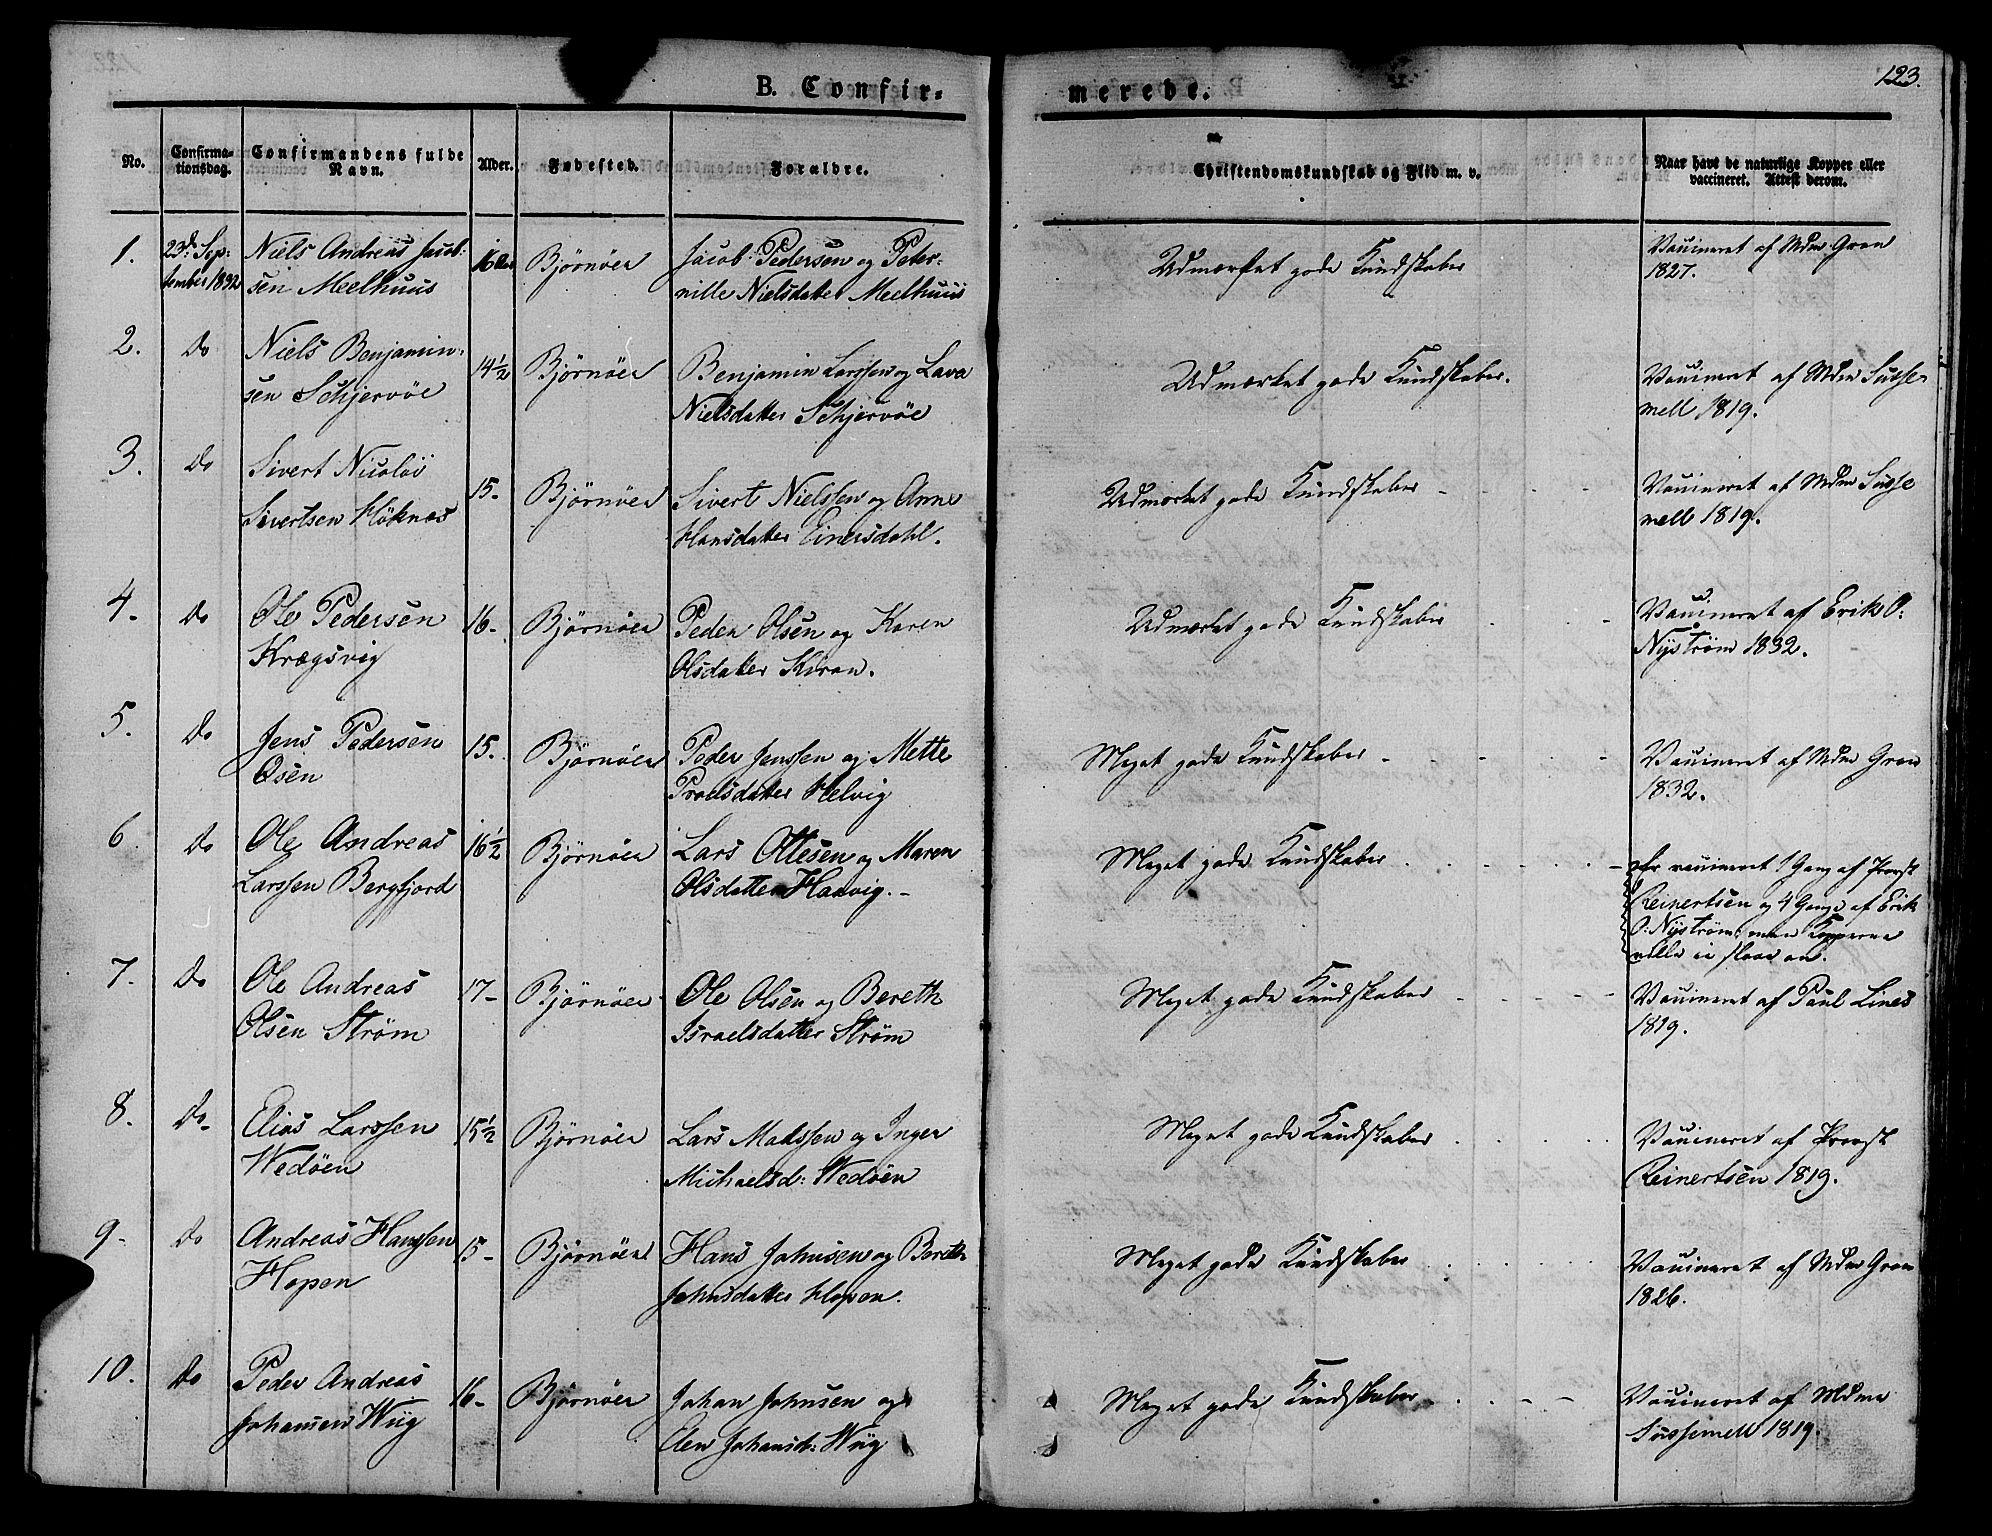 SAT, Ministerialprotokoller, klokkerbøker og fødselsregistre - Sør-Trøndelag, 657/L0703: Ministerialbok nr. 657A04, 1831-1846, s. 123